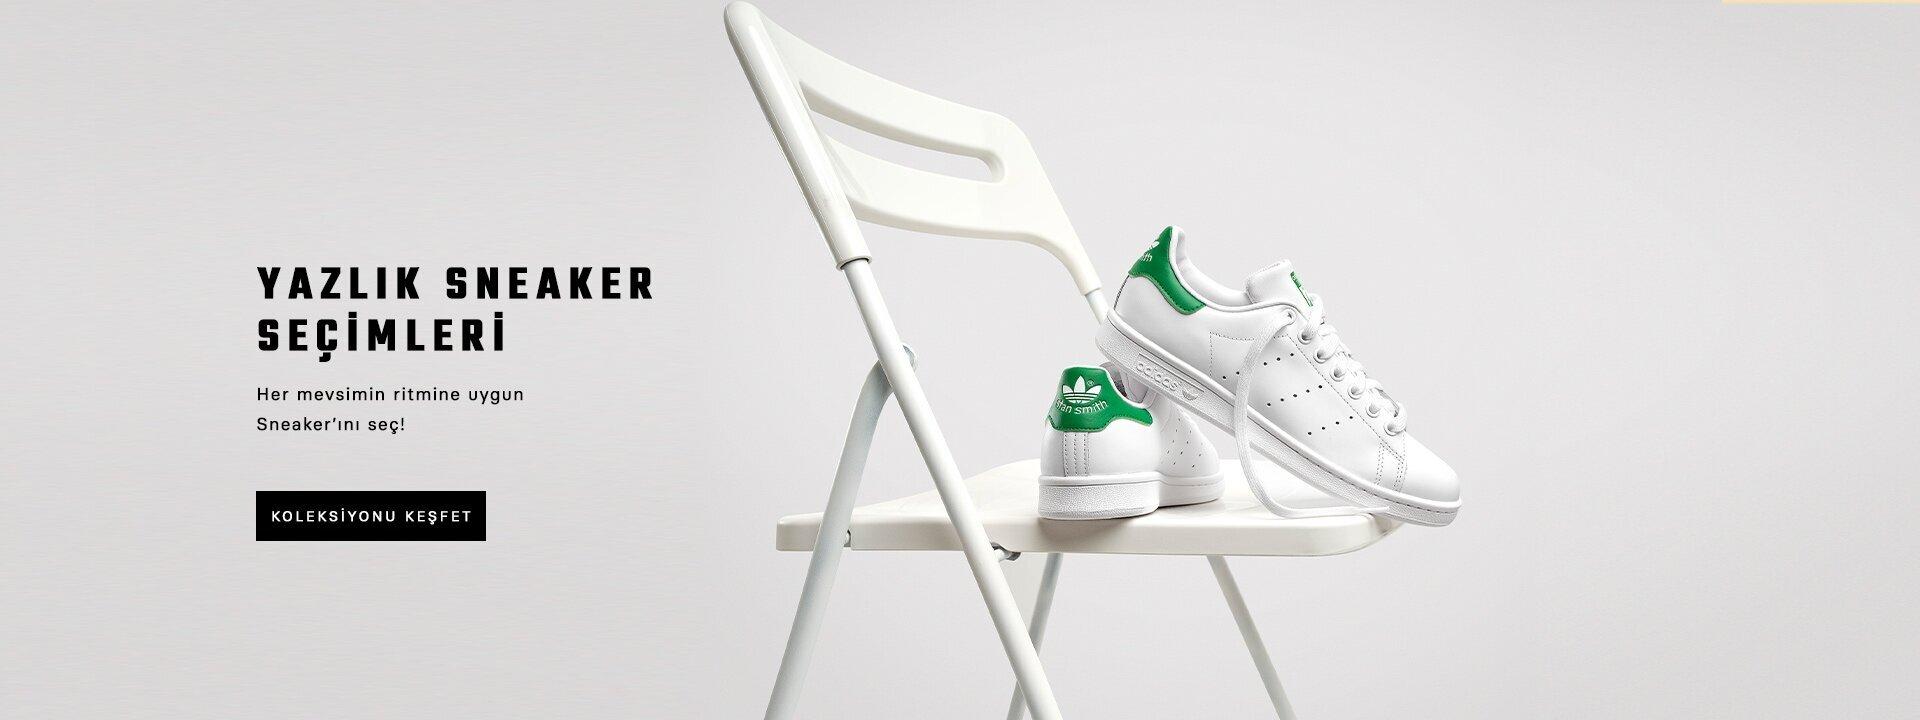 Yazlık Sneaker